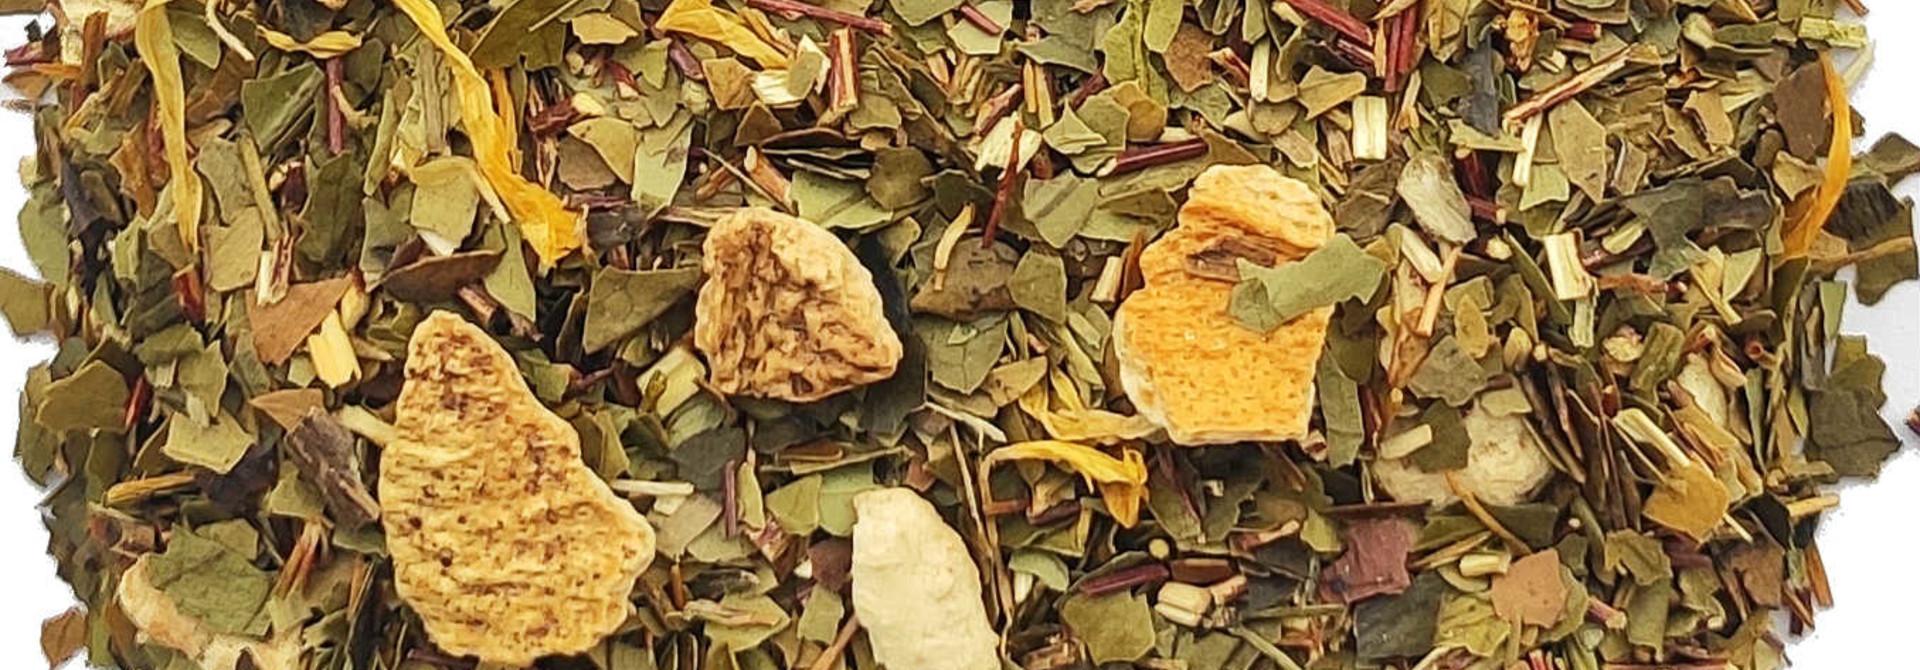 Maté-orange sanguine arôme naturel BIO